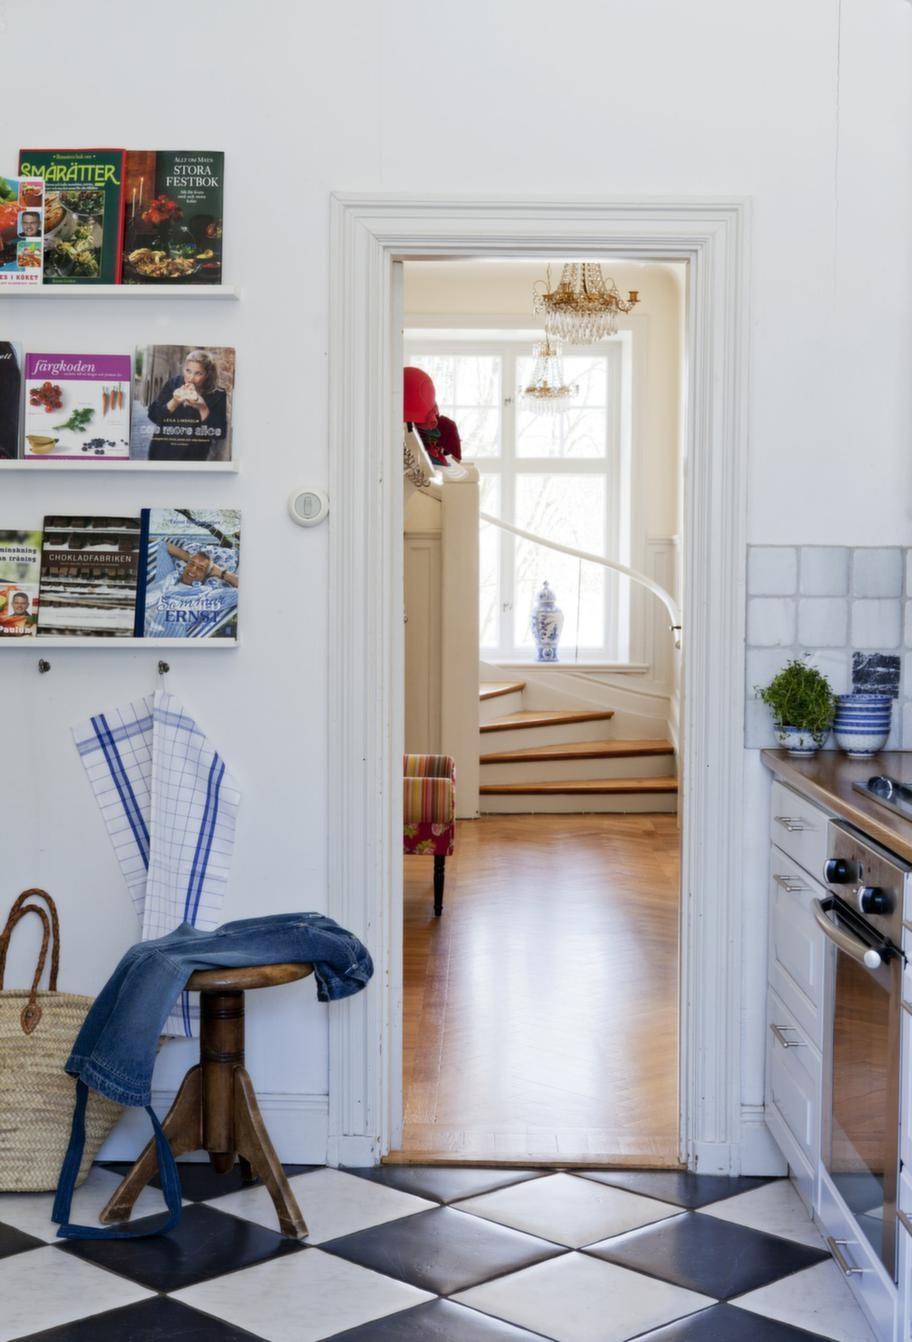 Från köket ser man trappan som leder upp till de två sovrummen och ateljén.